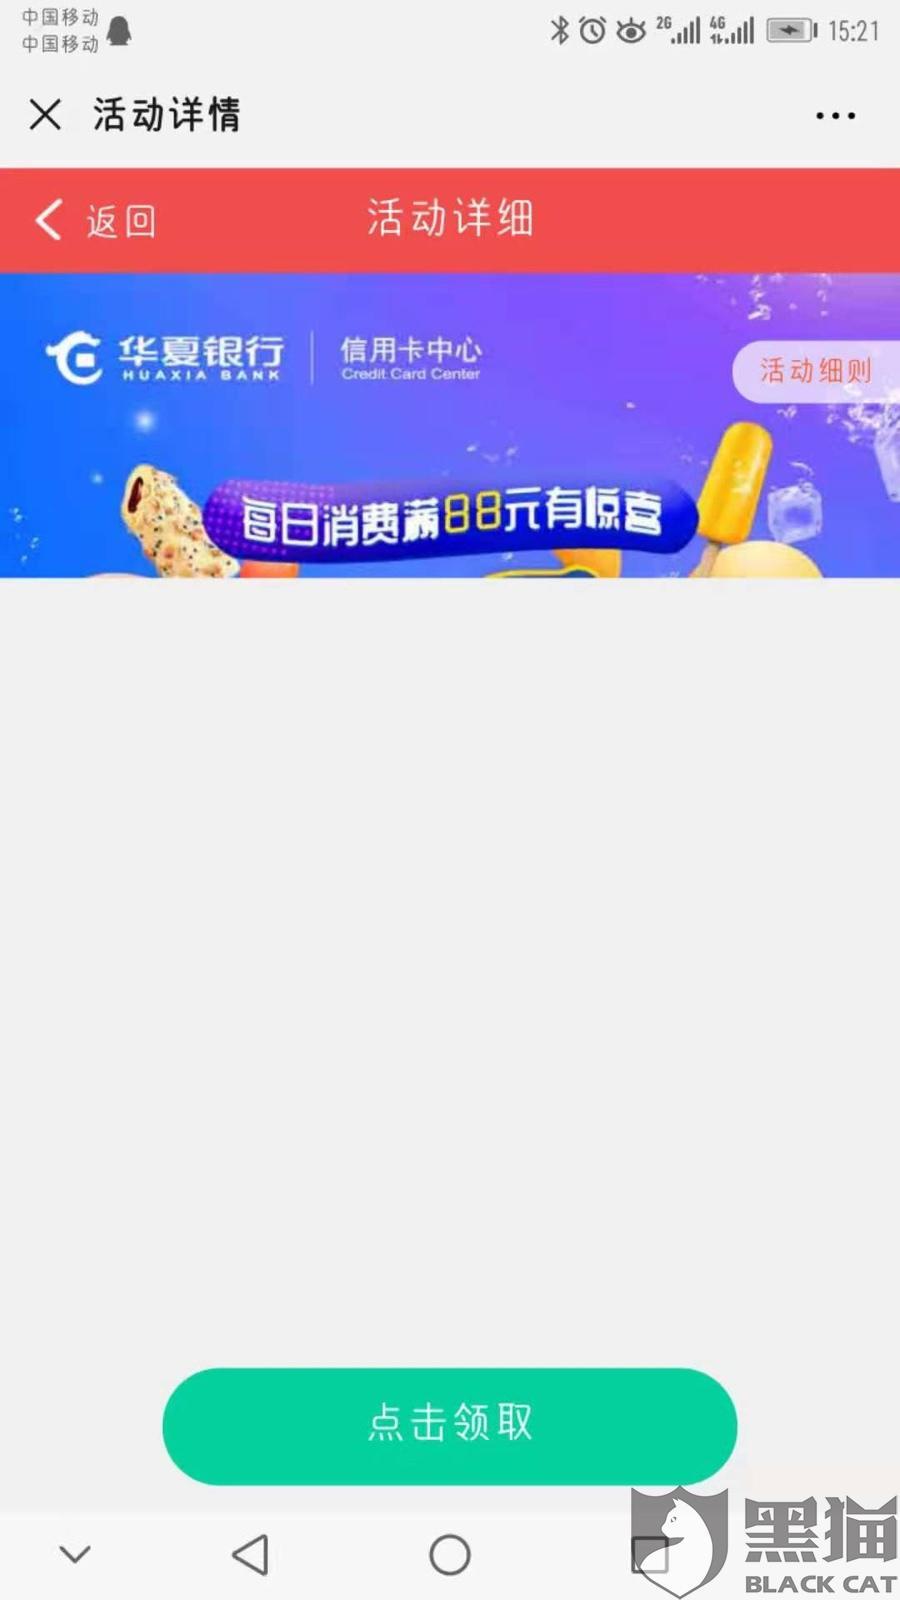 黑猫投诉:华夏银行服务虚假